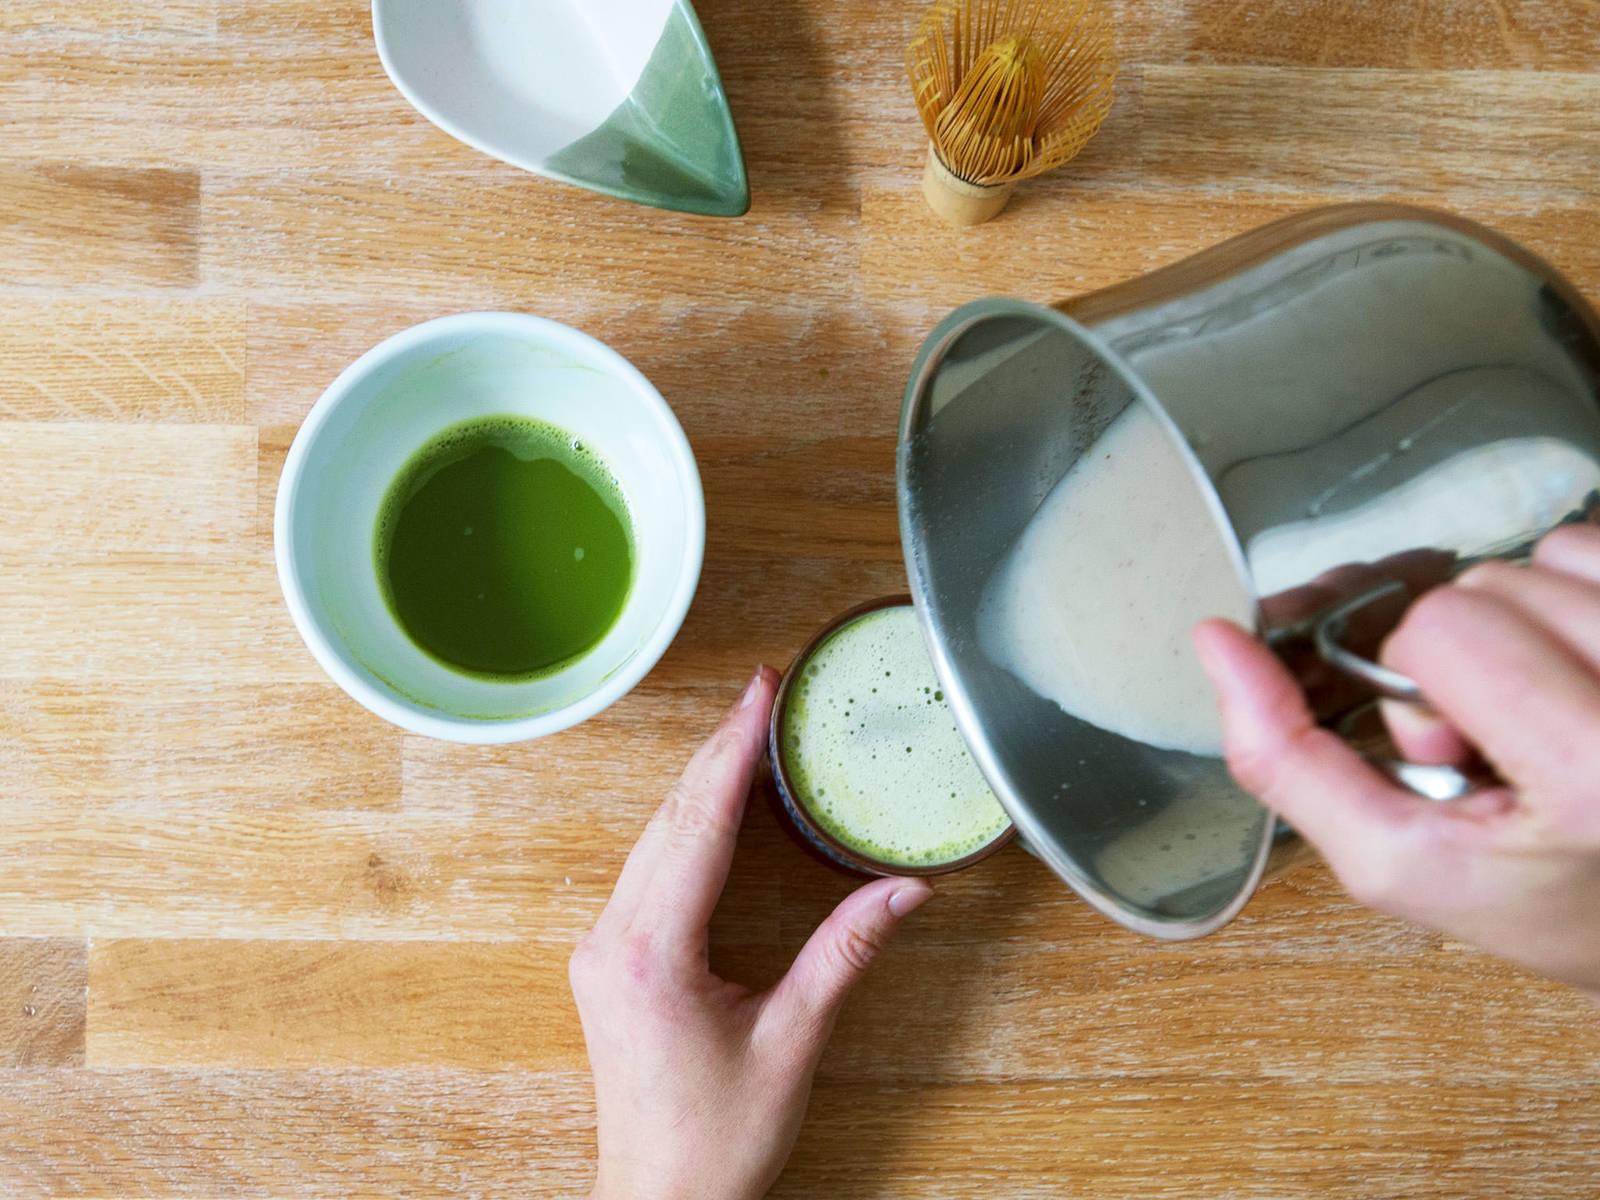 将一二步中做好的饮料混合,搅拌均匀,倒入杯中享用。